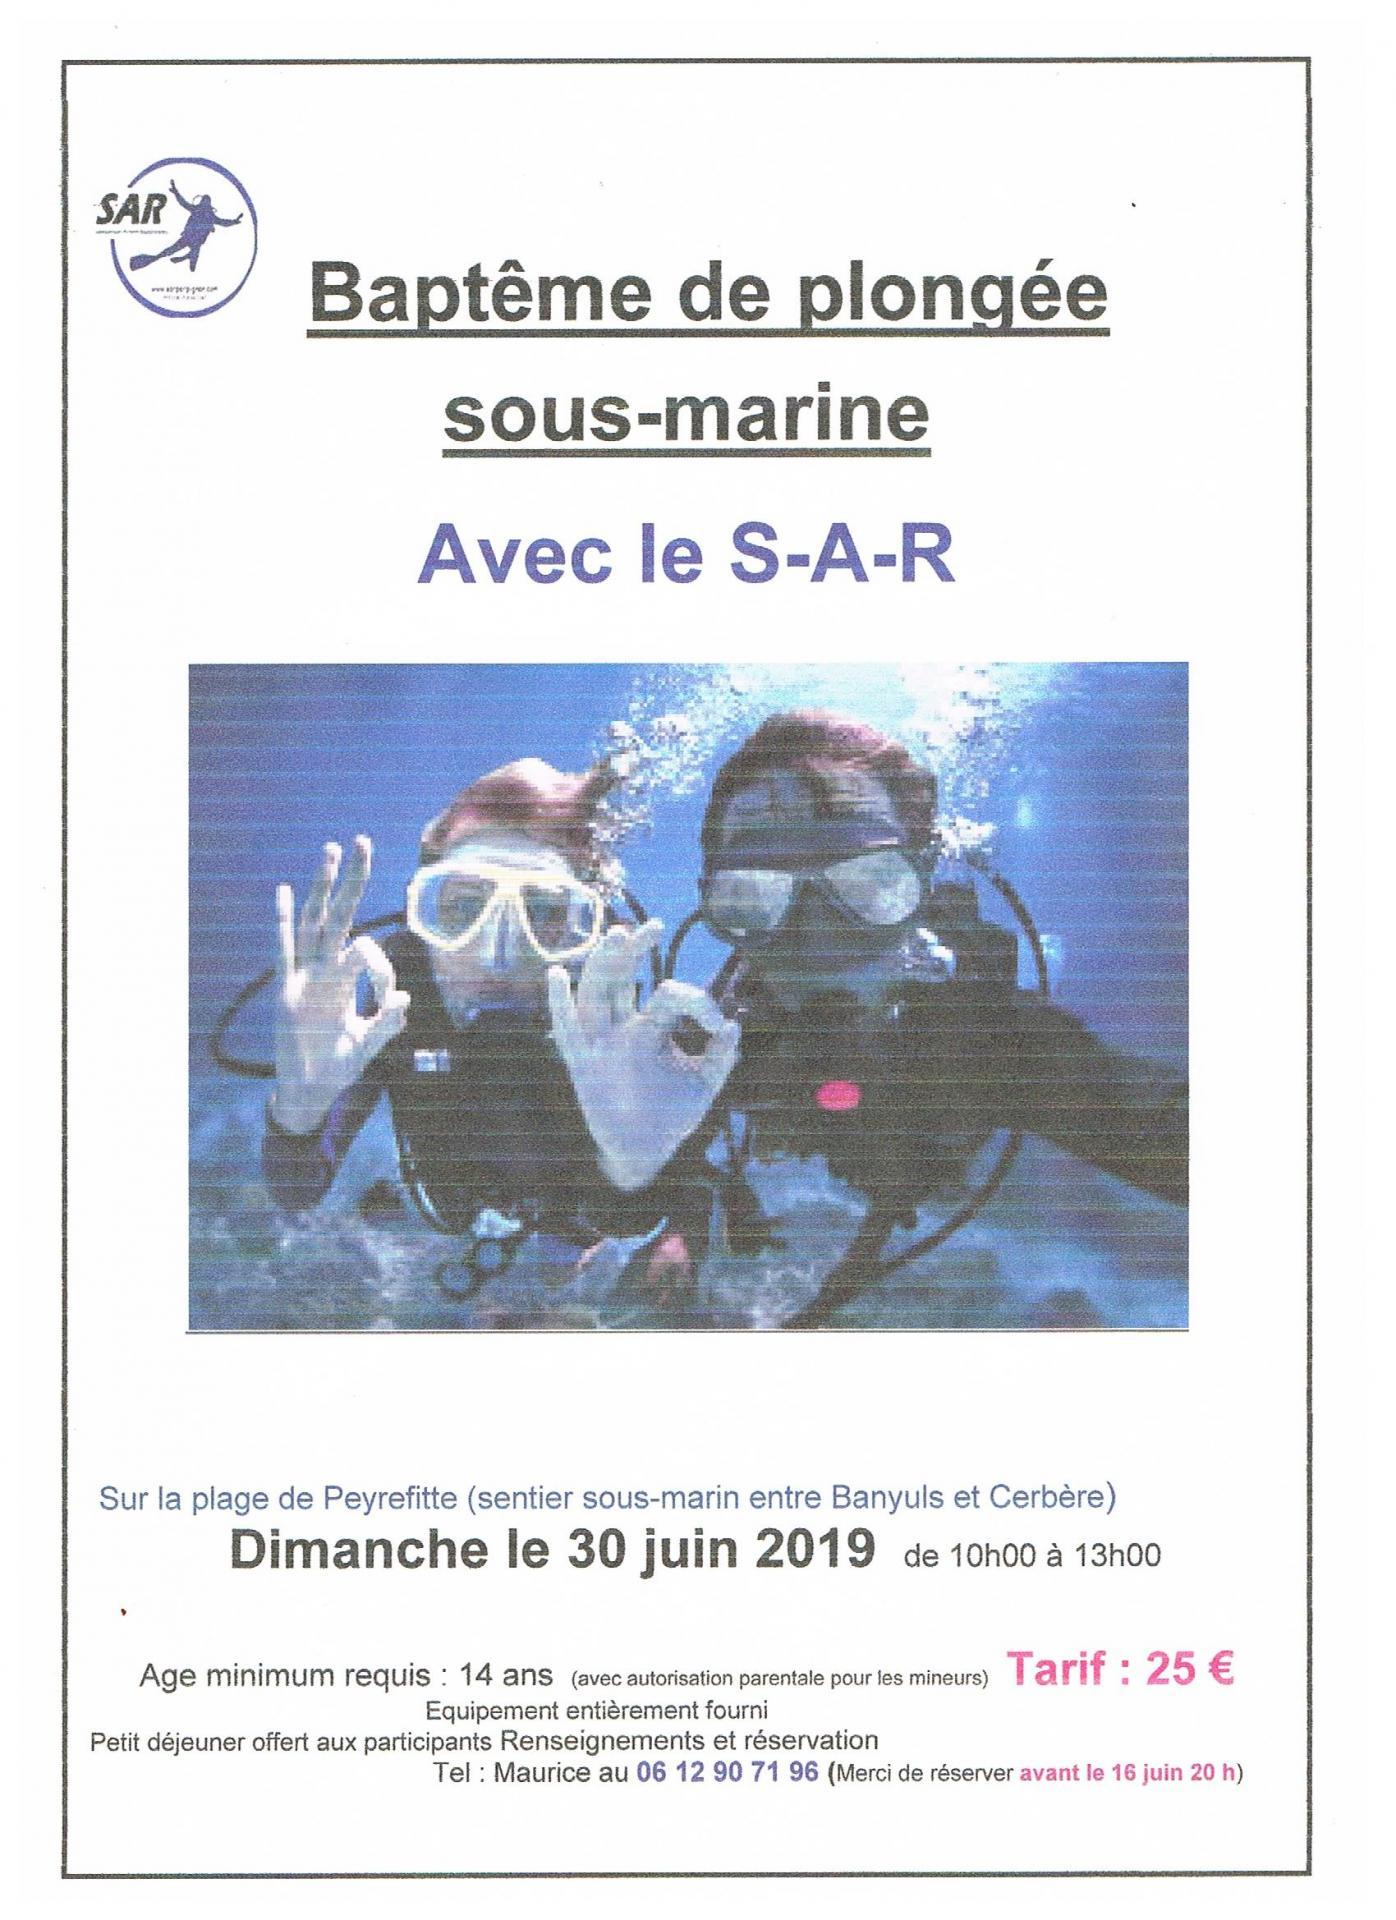 Affiche baptême